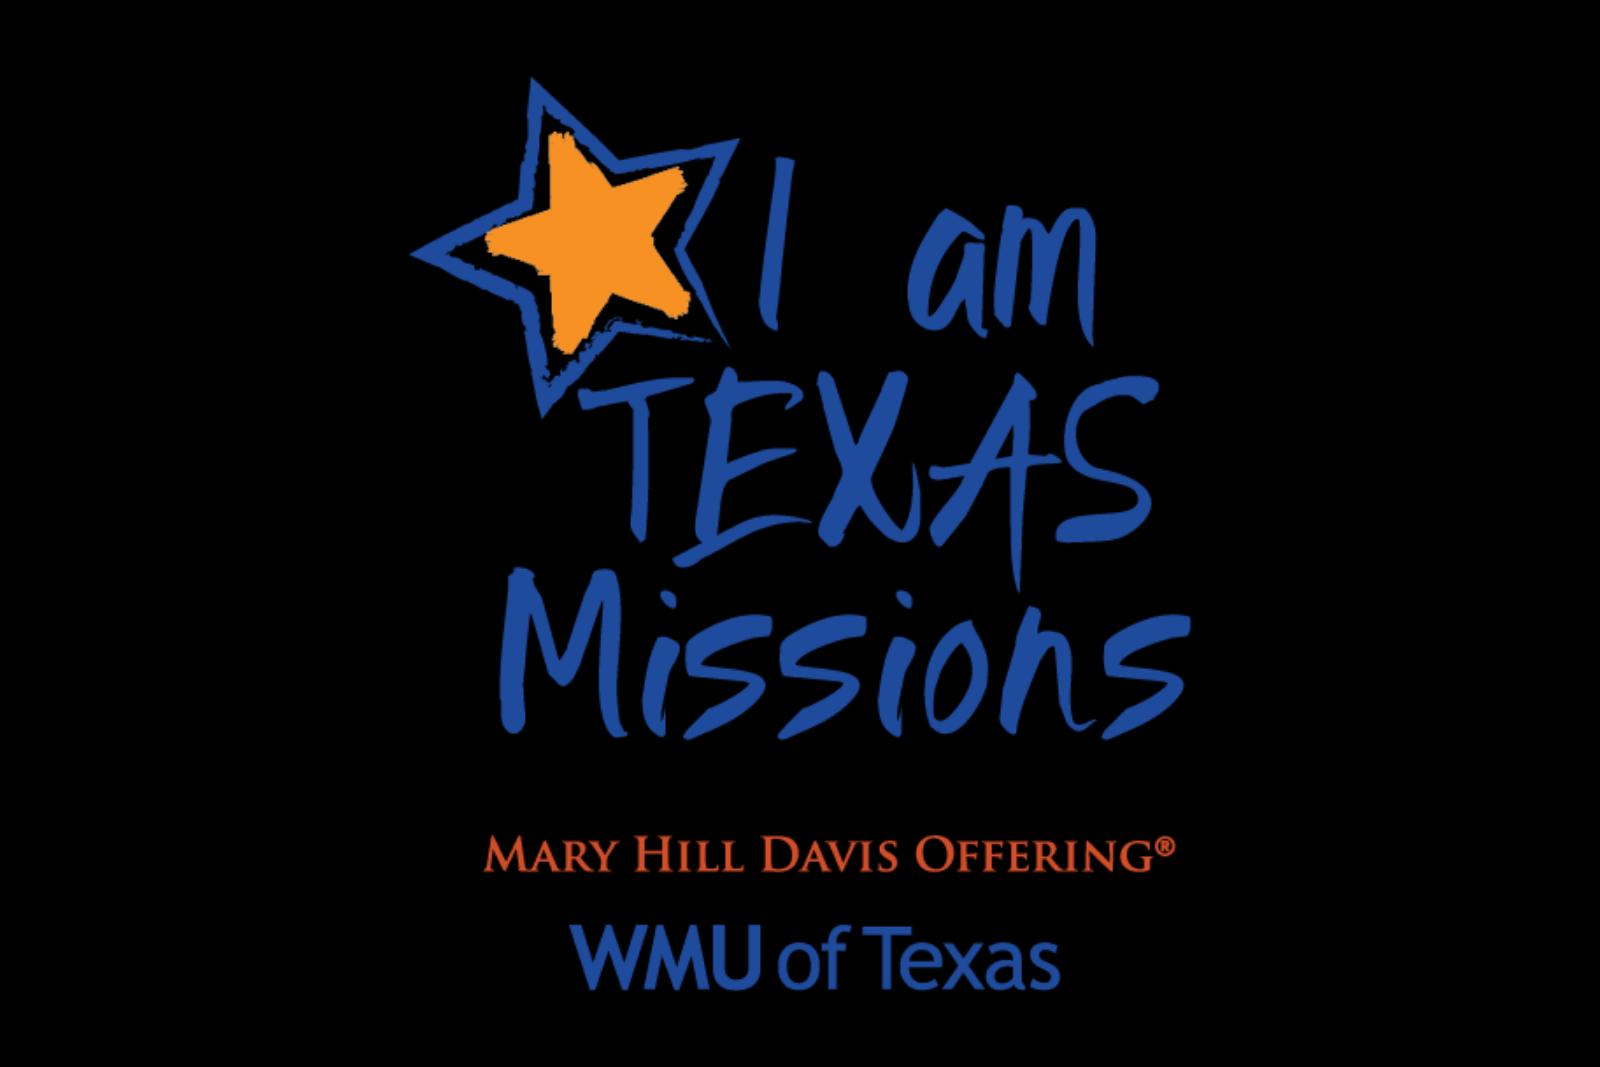 Mary Hill Davis